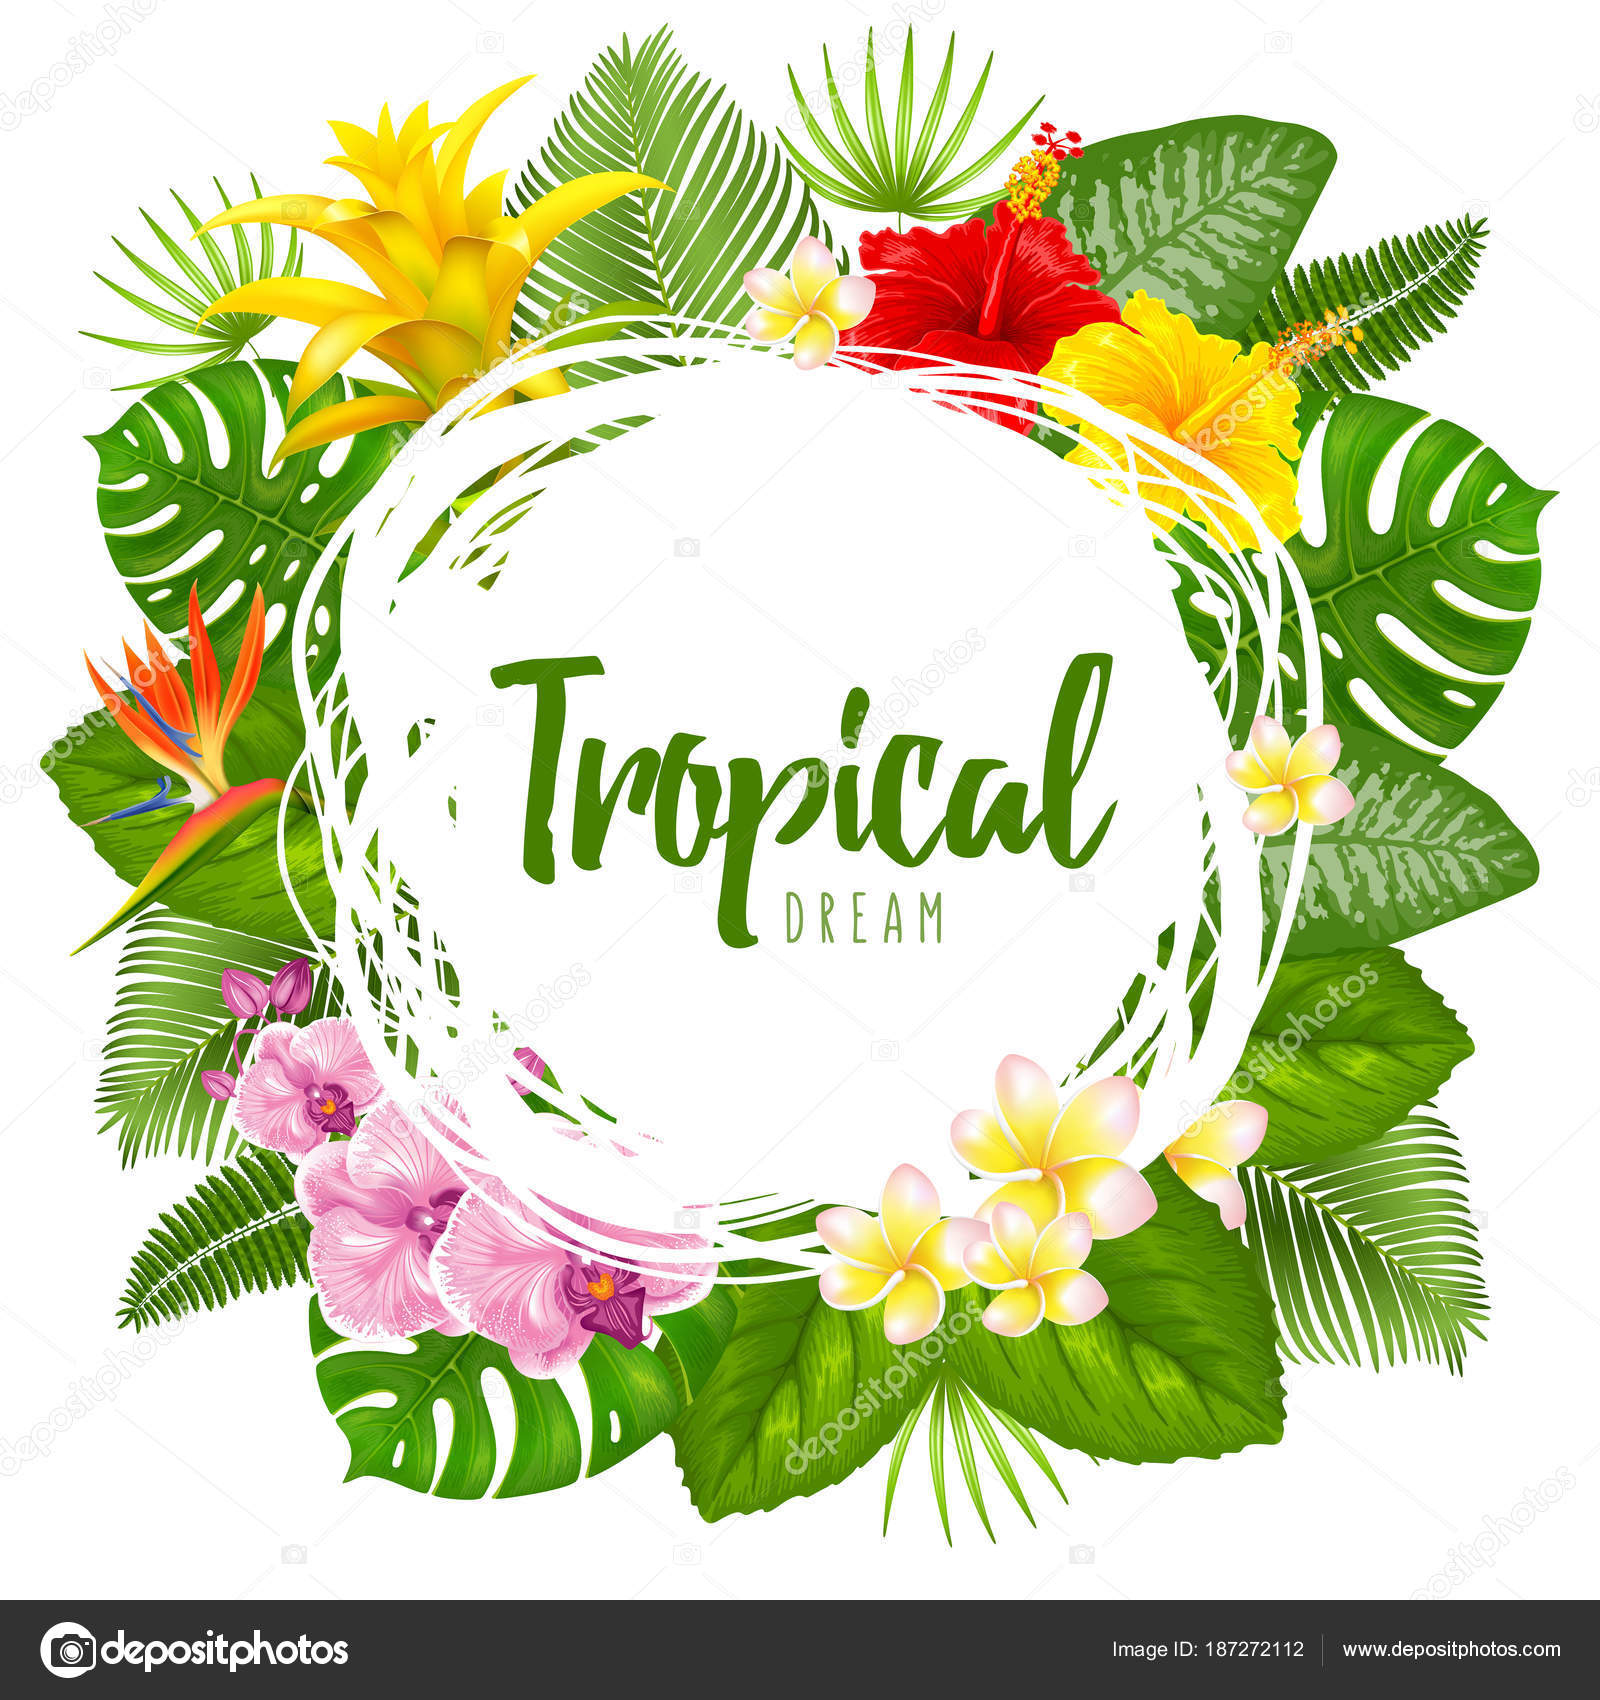 Summer tropical frame design — Stock Vector © Pazhyna #187272112